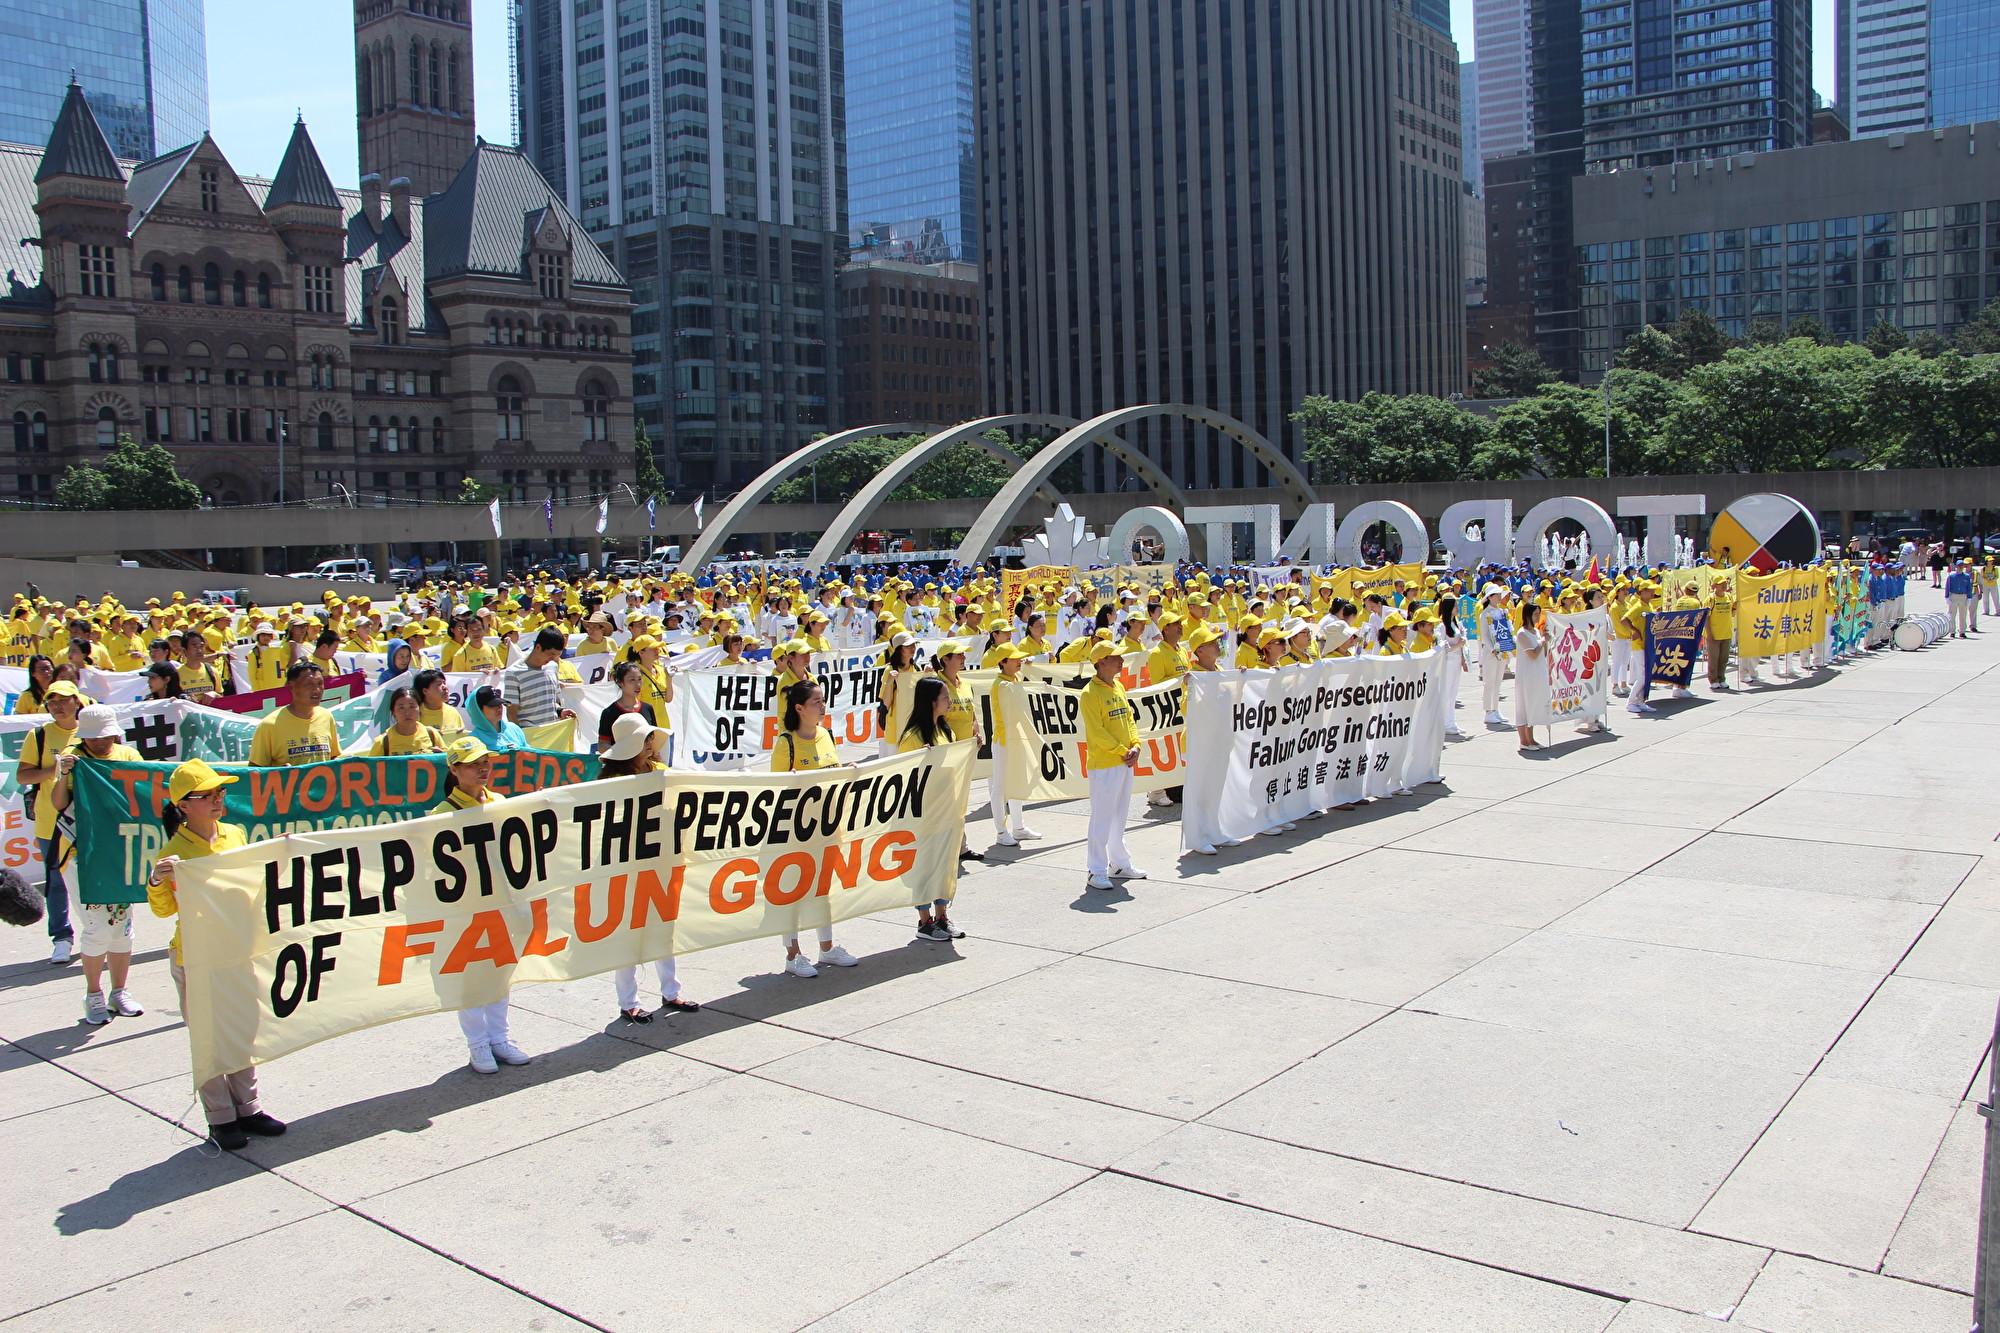 2019年7月20日,多倫多市政廣場站滿了法輪功學員,他們已經連續20年以和平理性的方式,反對中共針對法輪功的迫害。(Jimmy Pizolinas/大紀元)